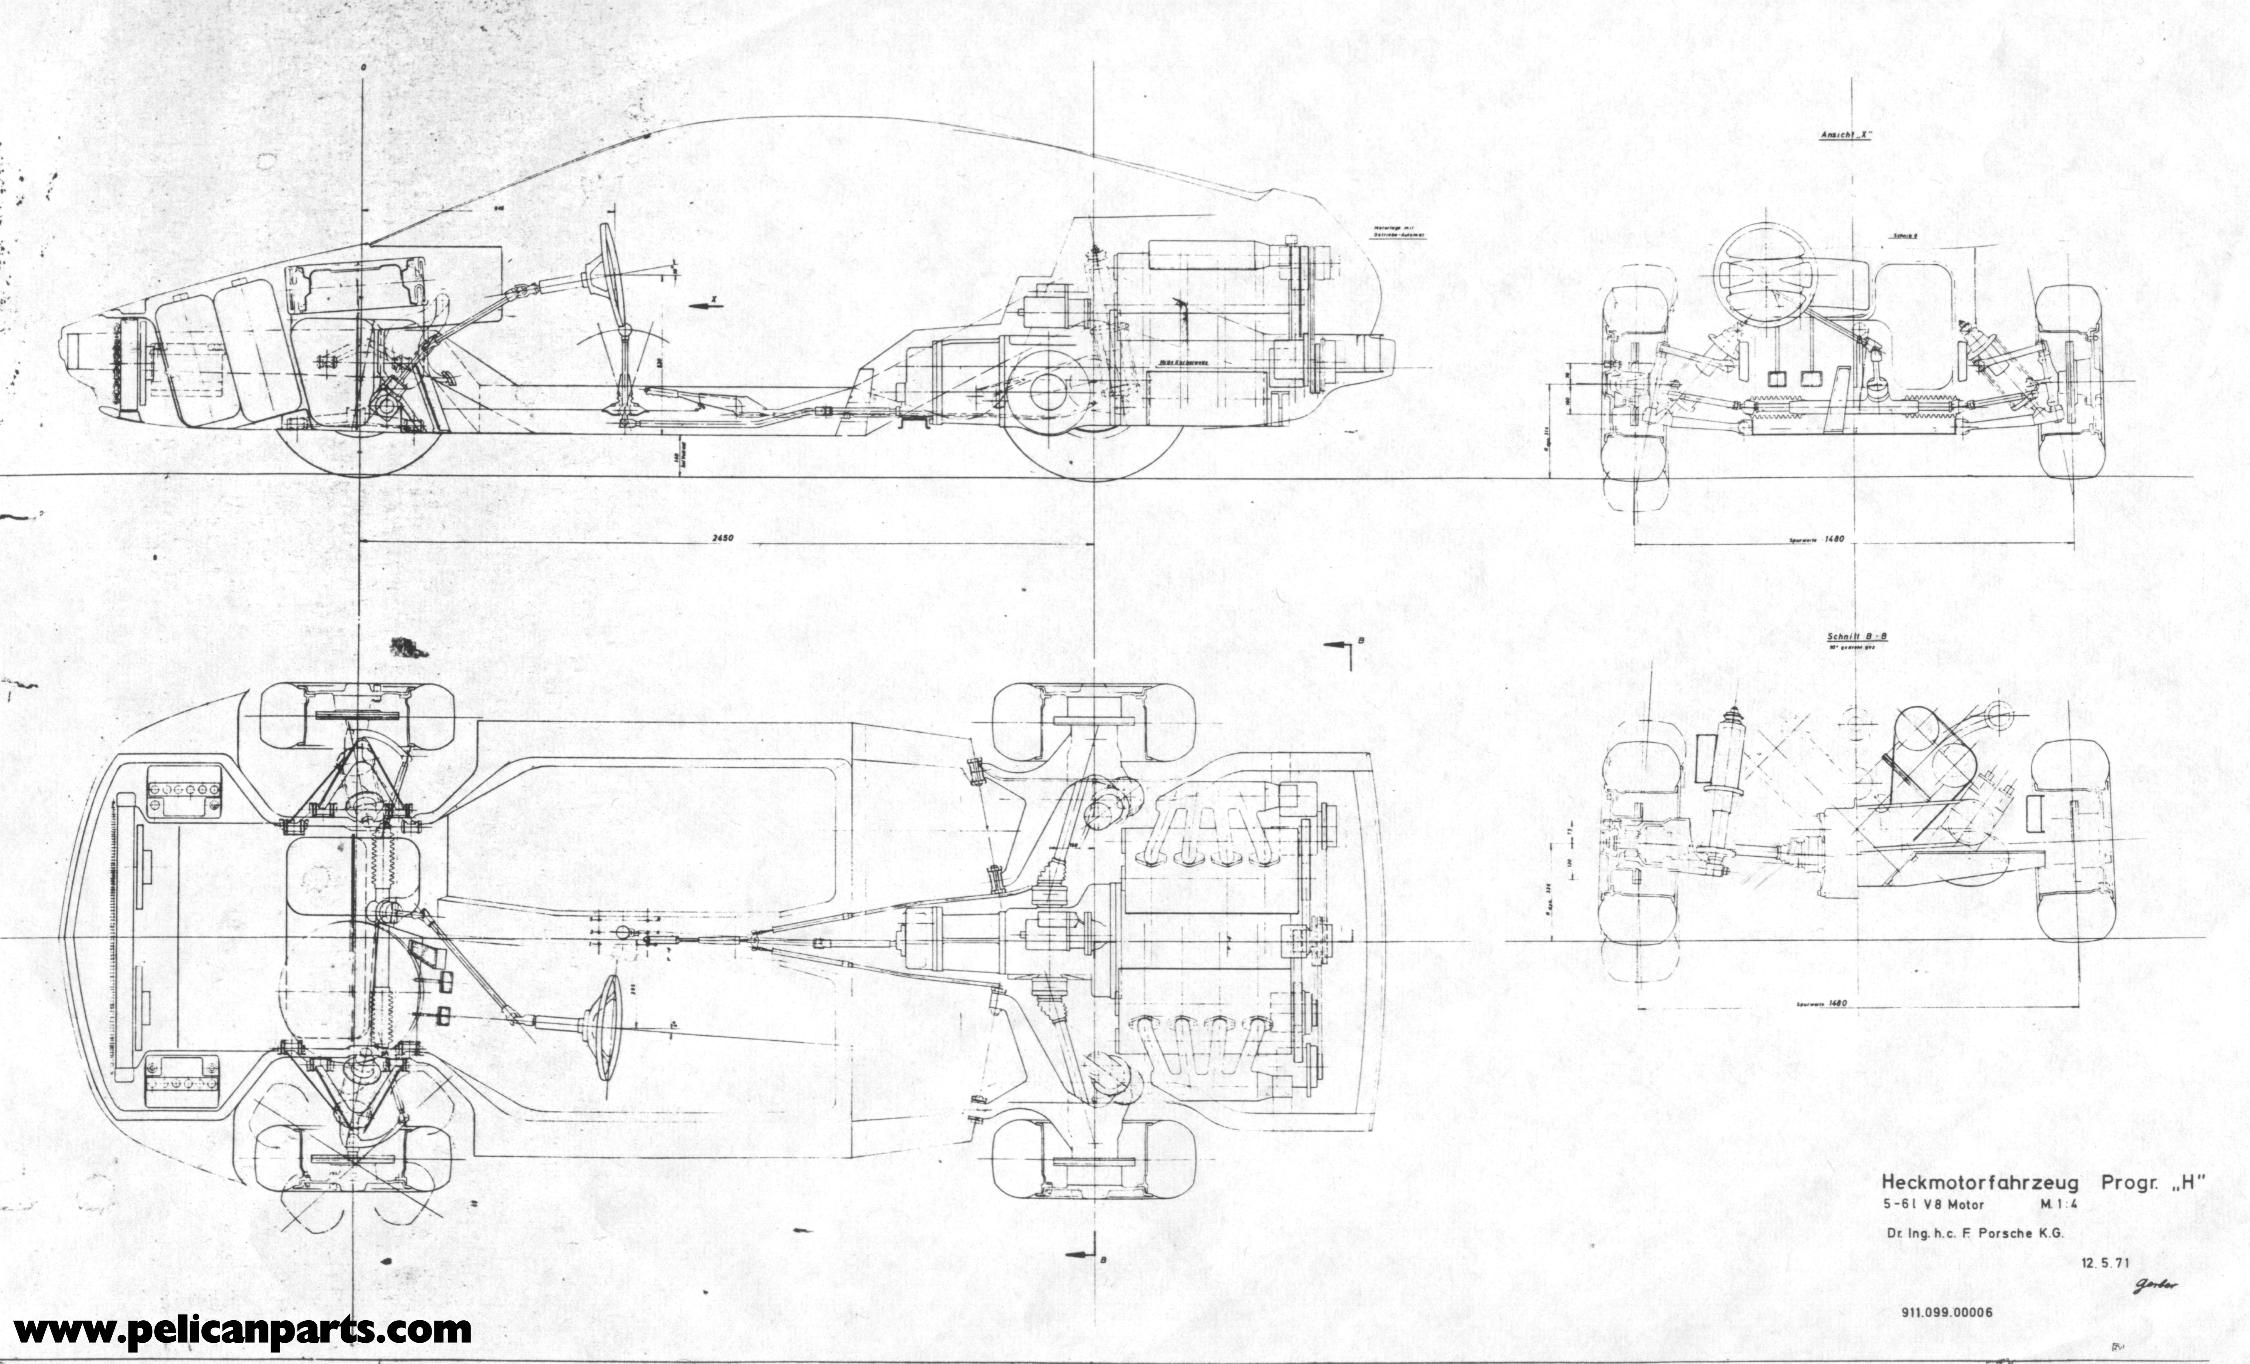 Pelican Parts Original German 911 928 Prototype Blueprint